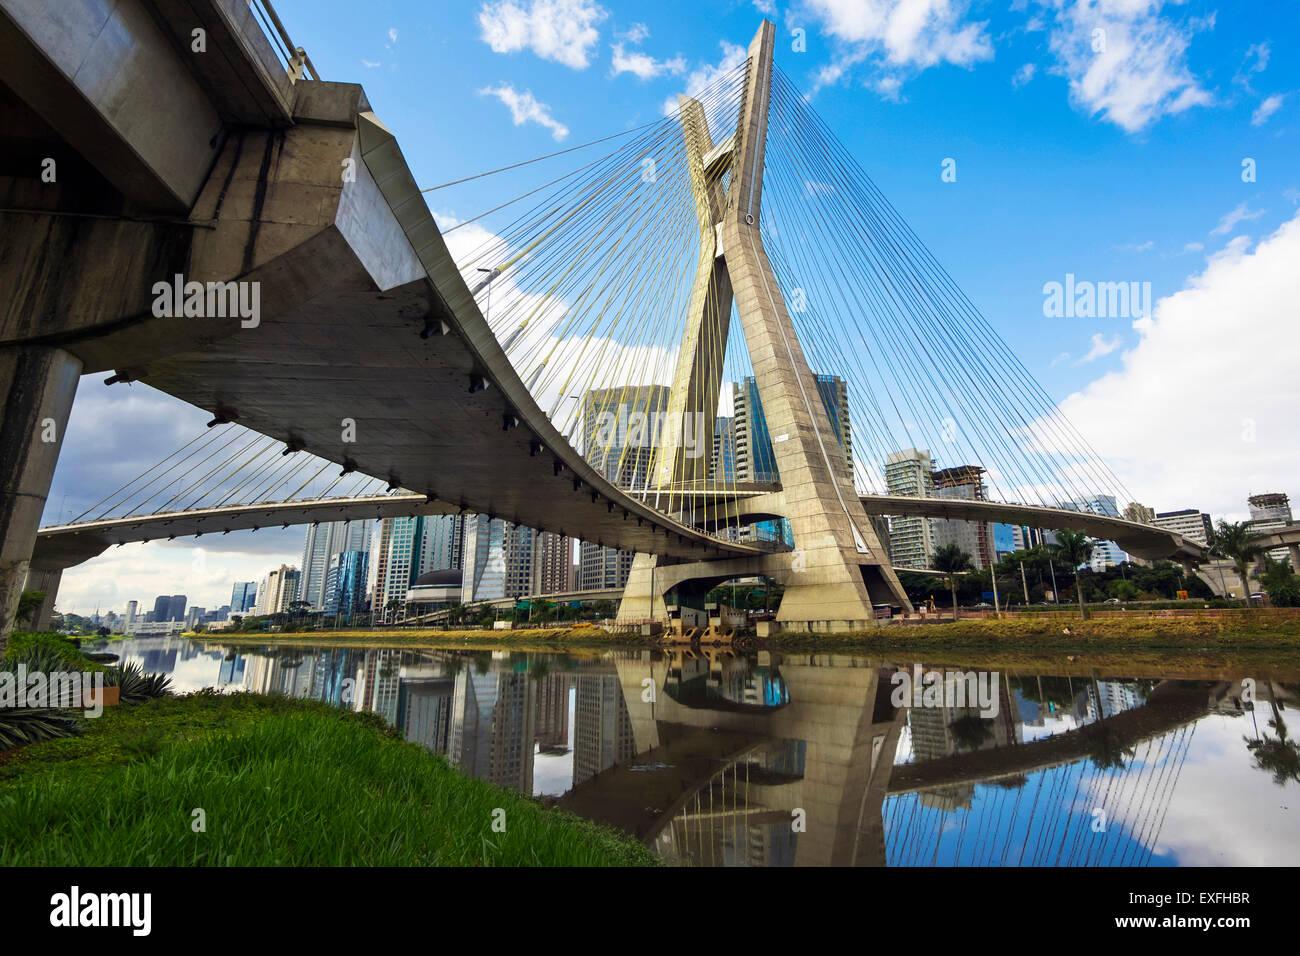 Le pont Octavio Frias de Oliveira, ou Ponte Estaiada, à Sao Paulo, Brésil. Photo Stock